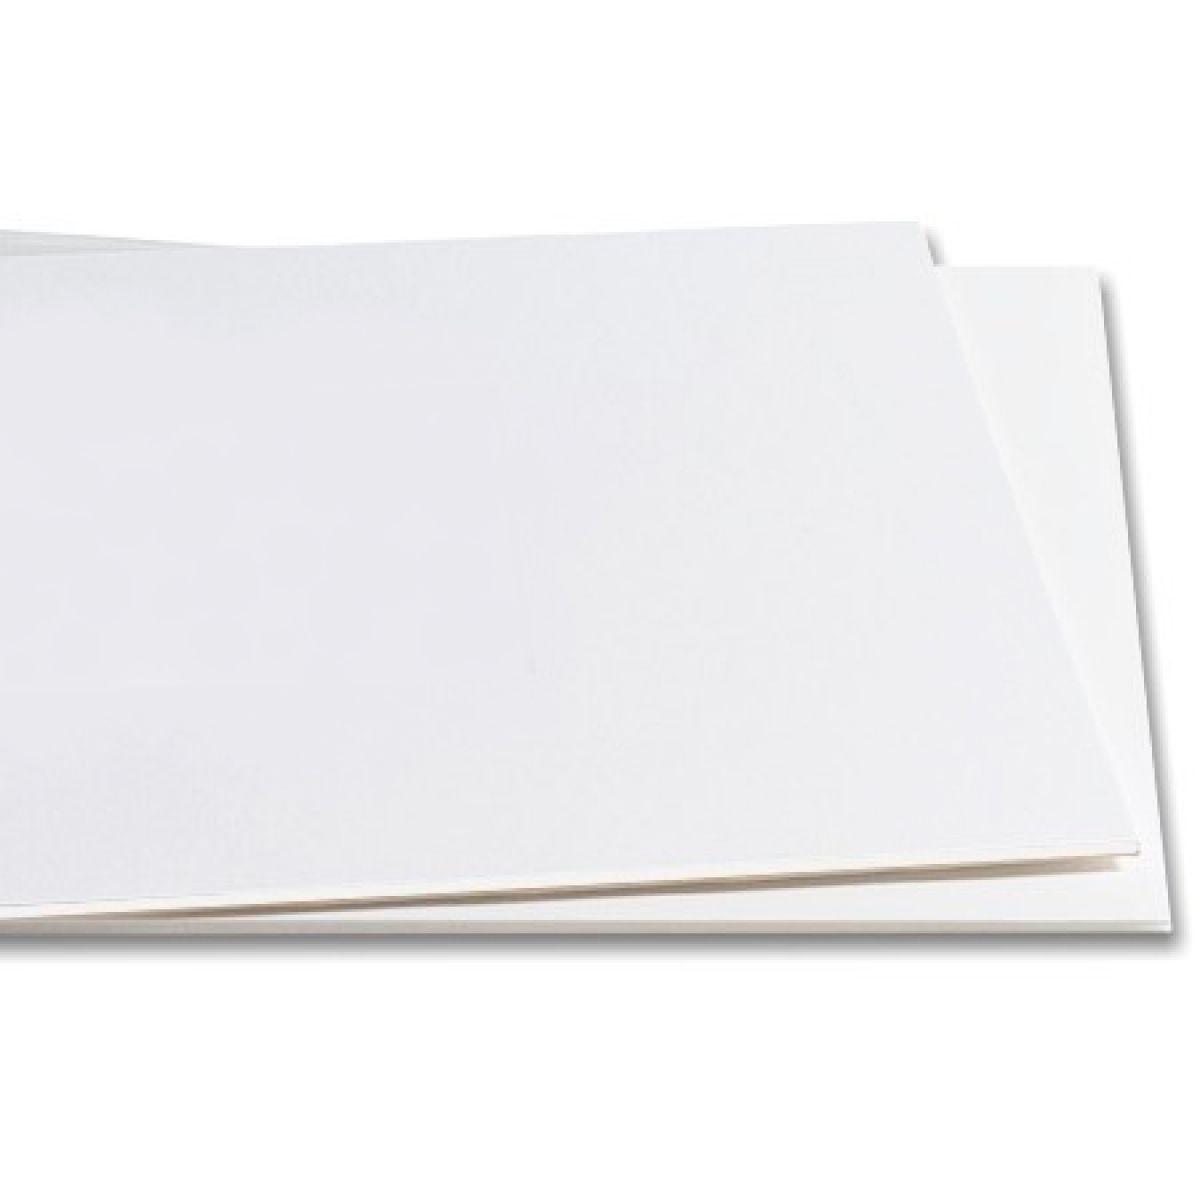 Papel Couche Brilho 115g A4 Embalagem Com 1200 Folhas